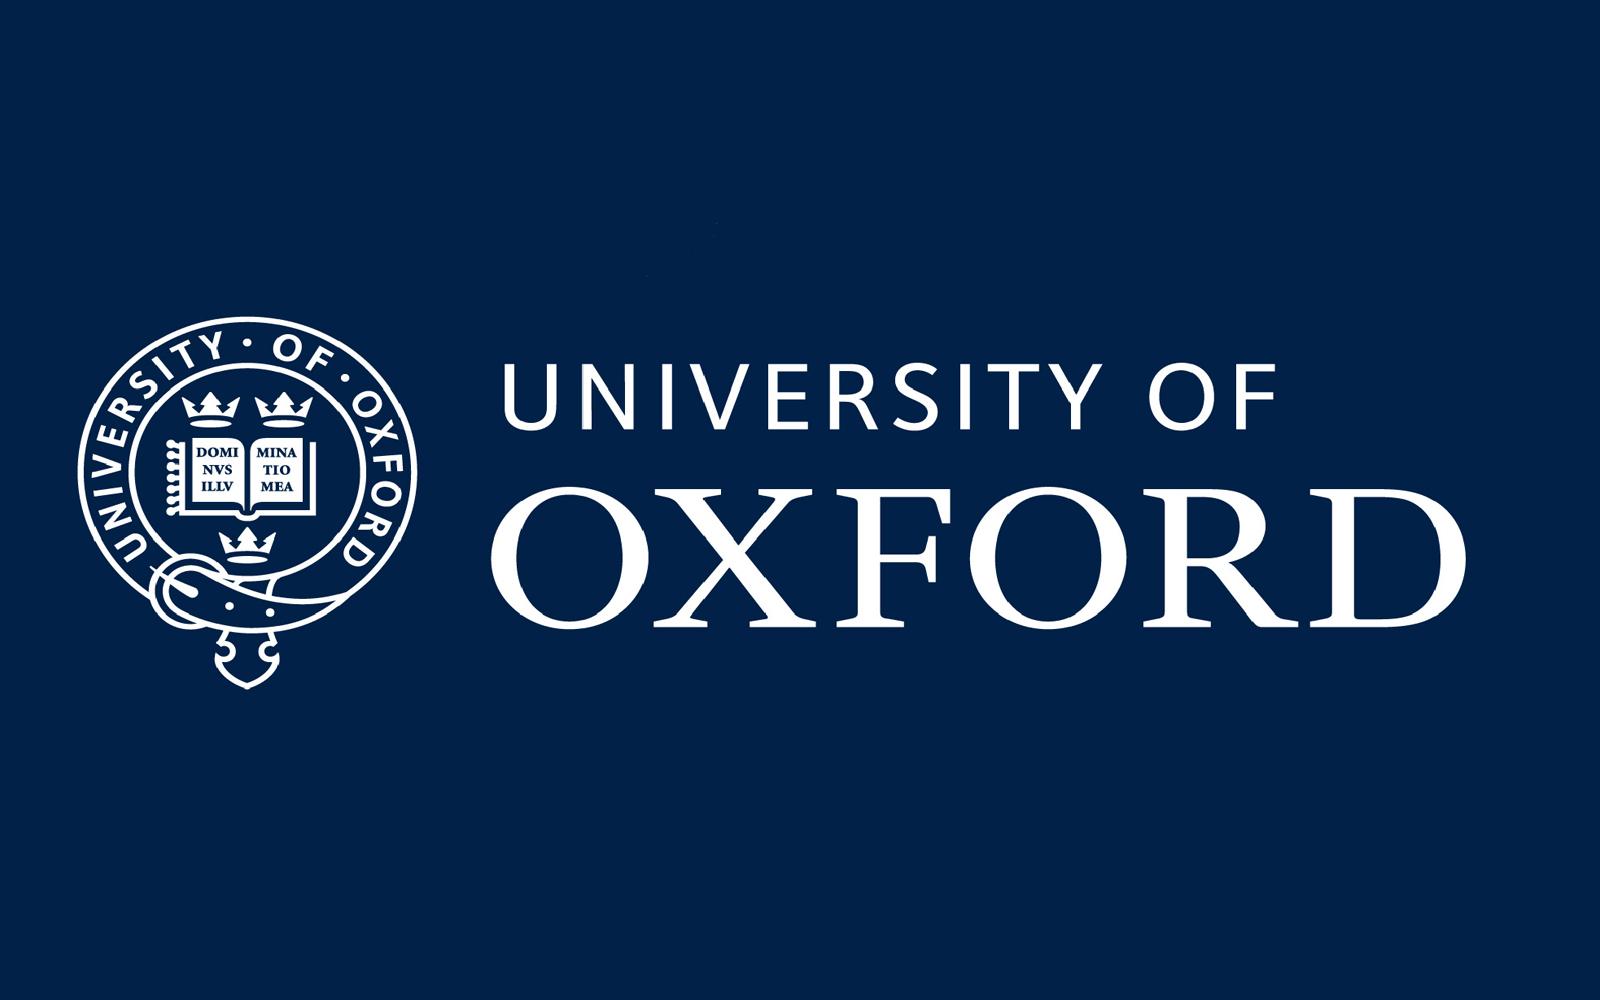 University of Oxford Logo Large Size 1600x1000